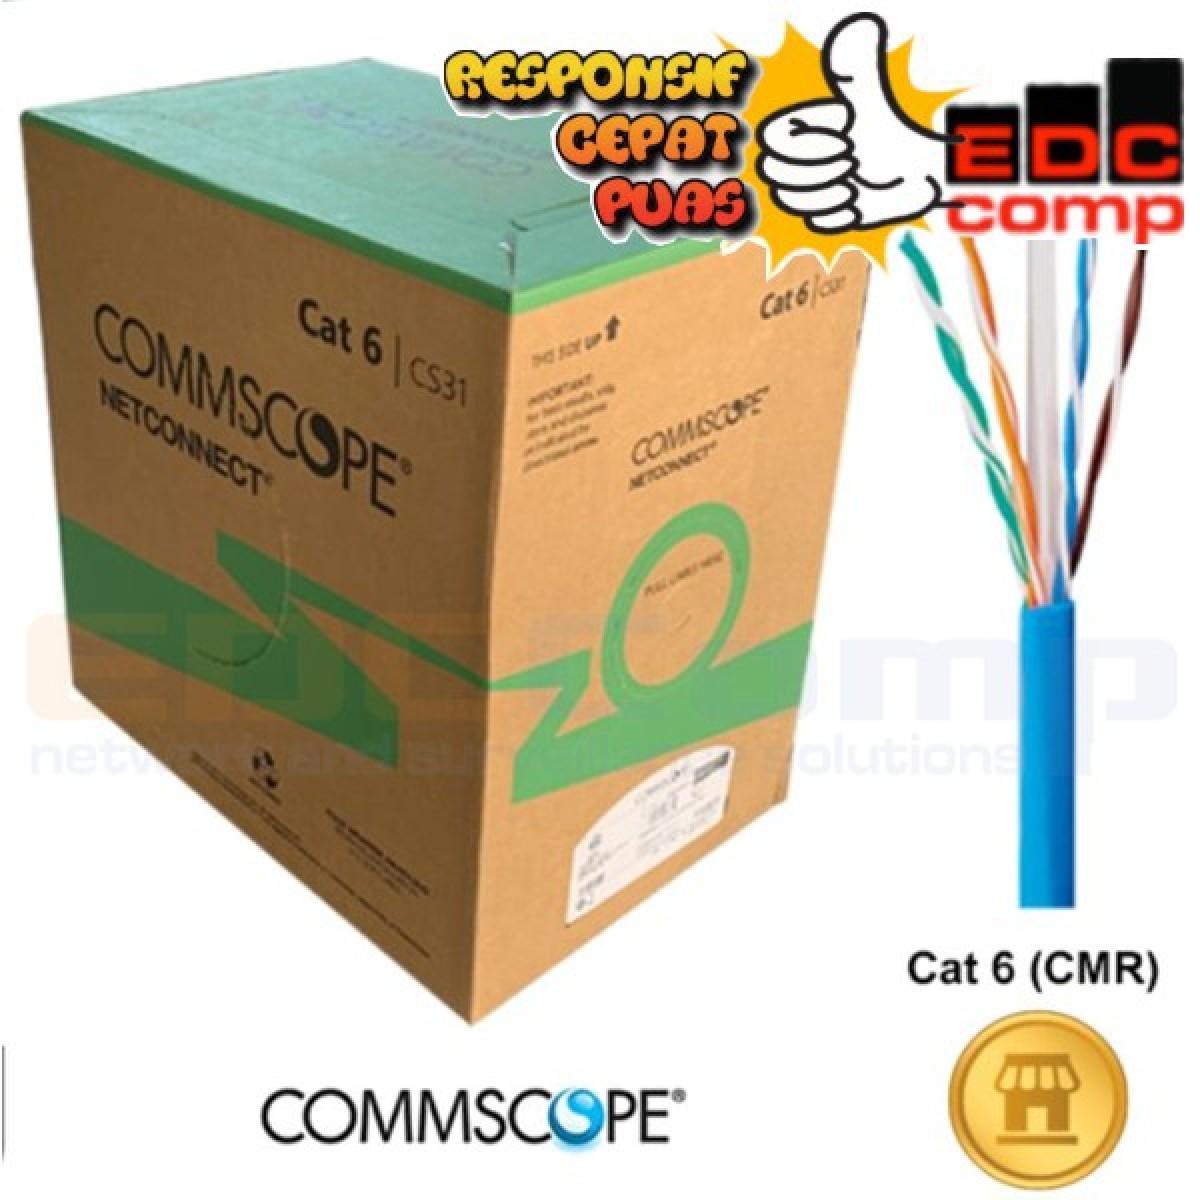 Commscope/AMP UTP Cat 6 UTP Cable Data Cat 6 AMP Original - EdcComp